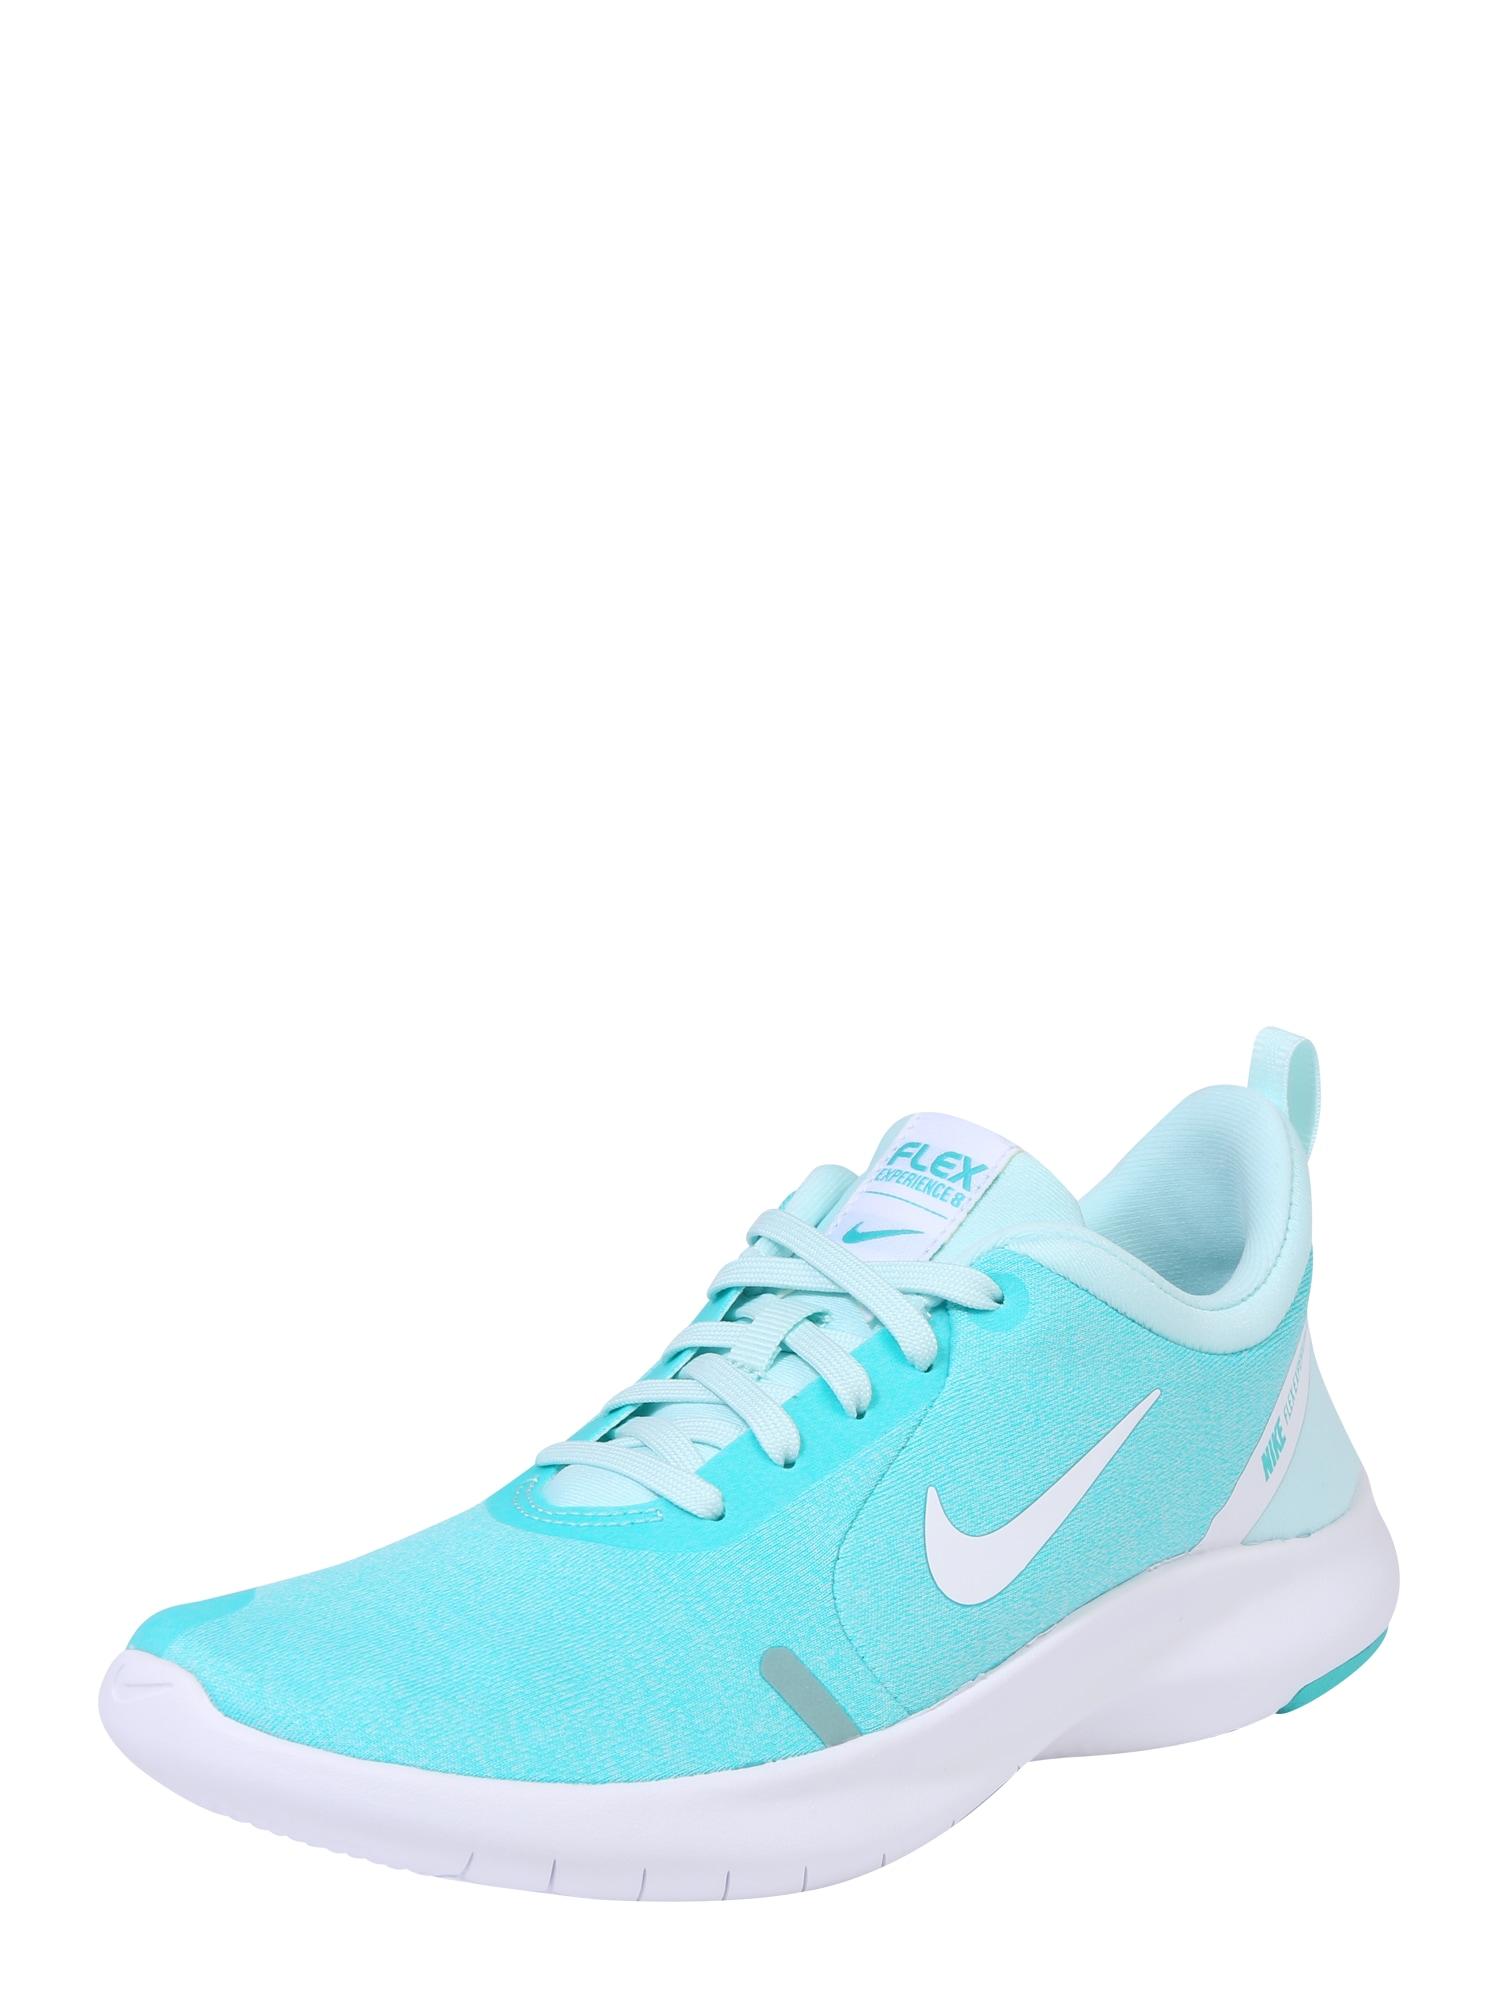 Sportovní boty Nike Flex Experience RN 8 tyrkysová bílá NIKE